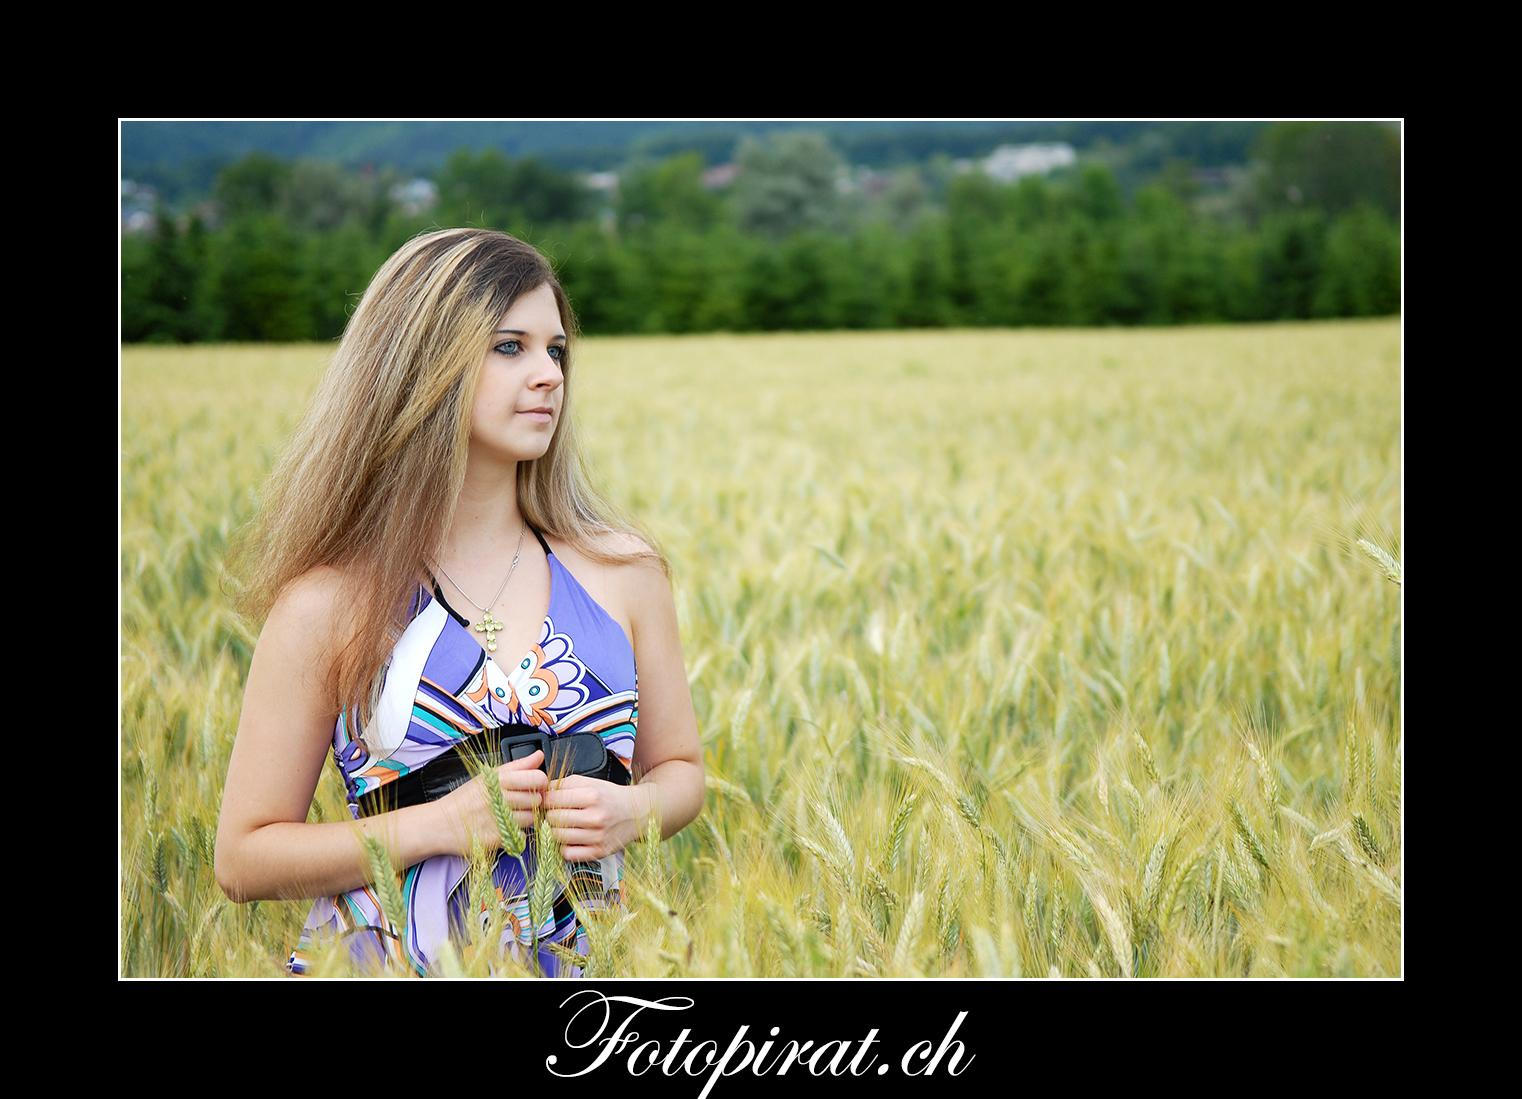 Fotoshooting, outdoor, Modelagentur, sexy Model, Sportmodel, Fitnessmodel, Portrait, schöne Augen